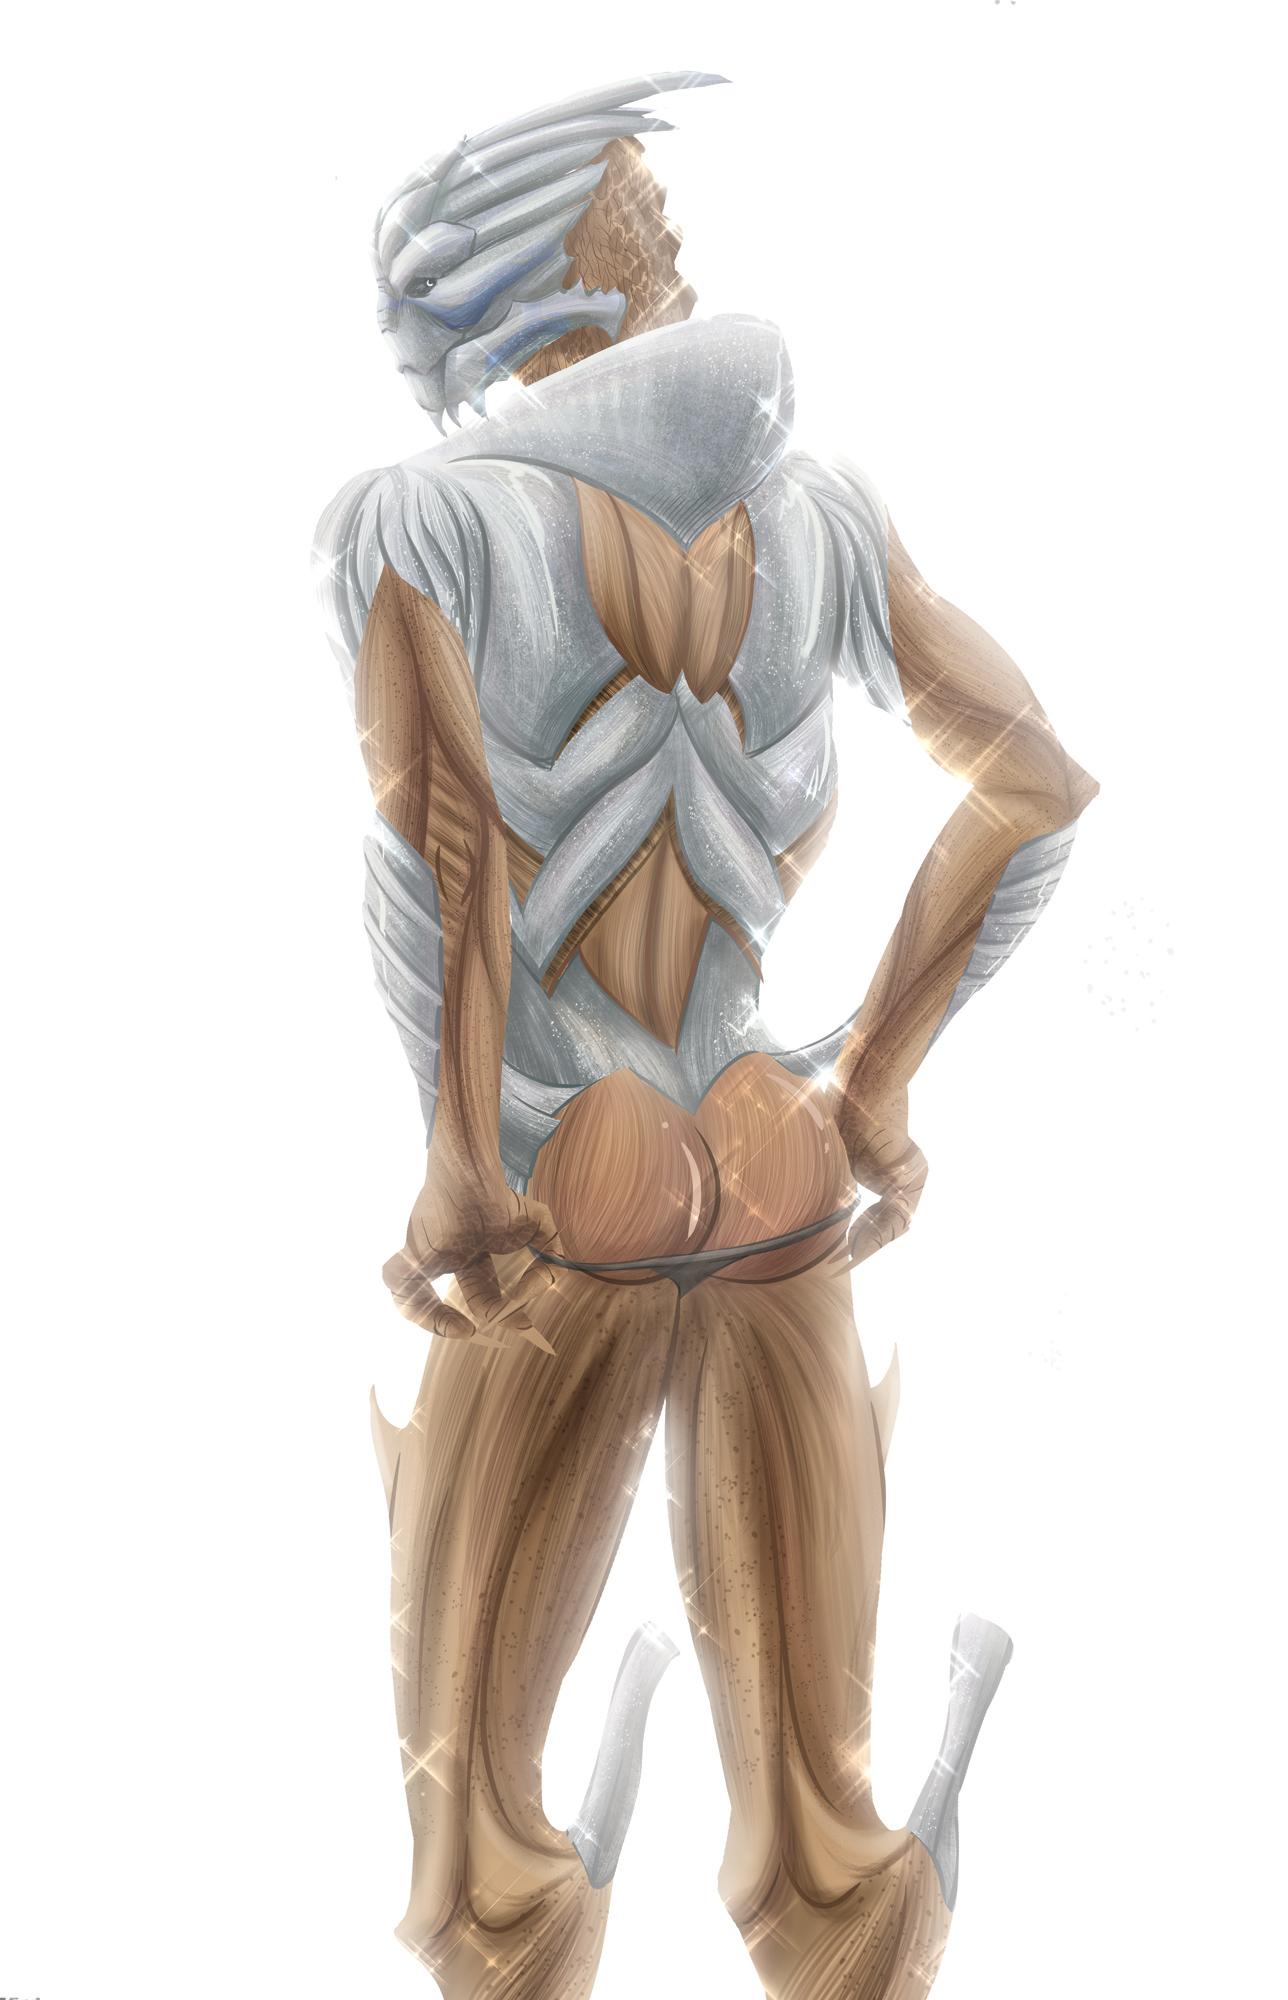 Garrus, Let Me See That Thong! by jijikero